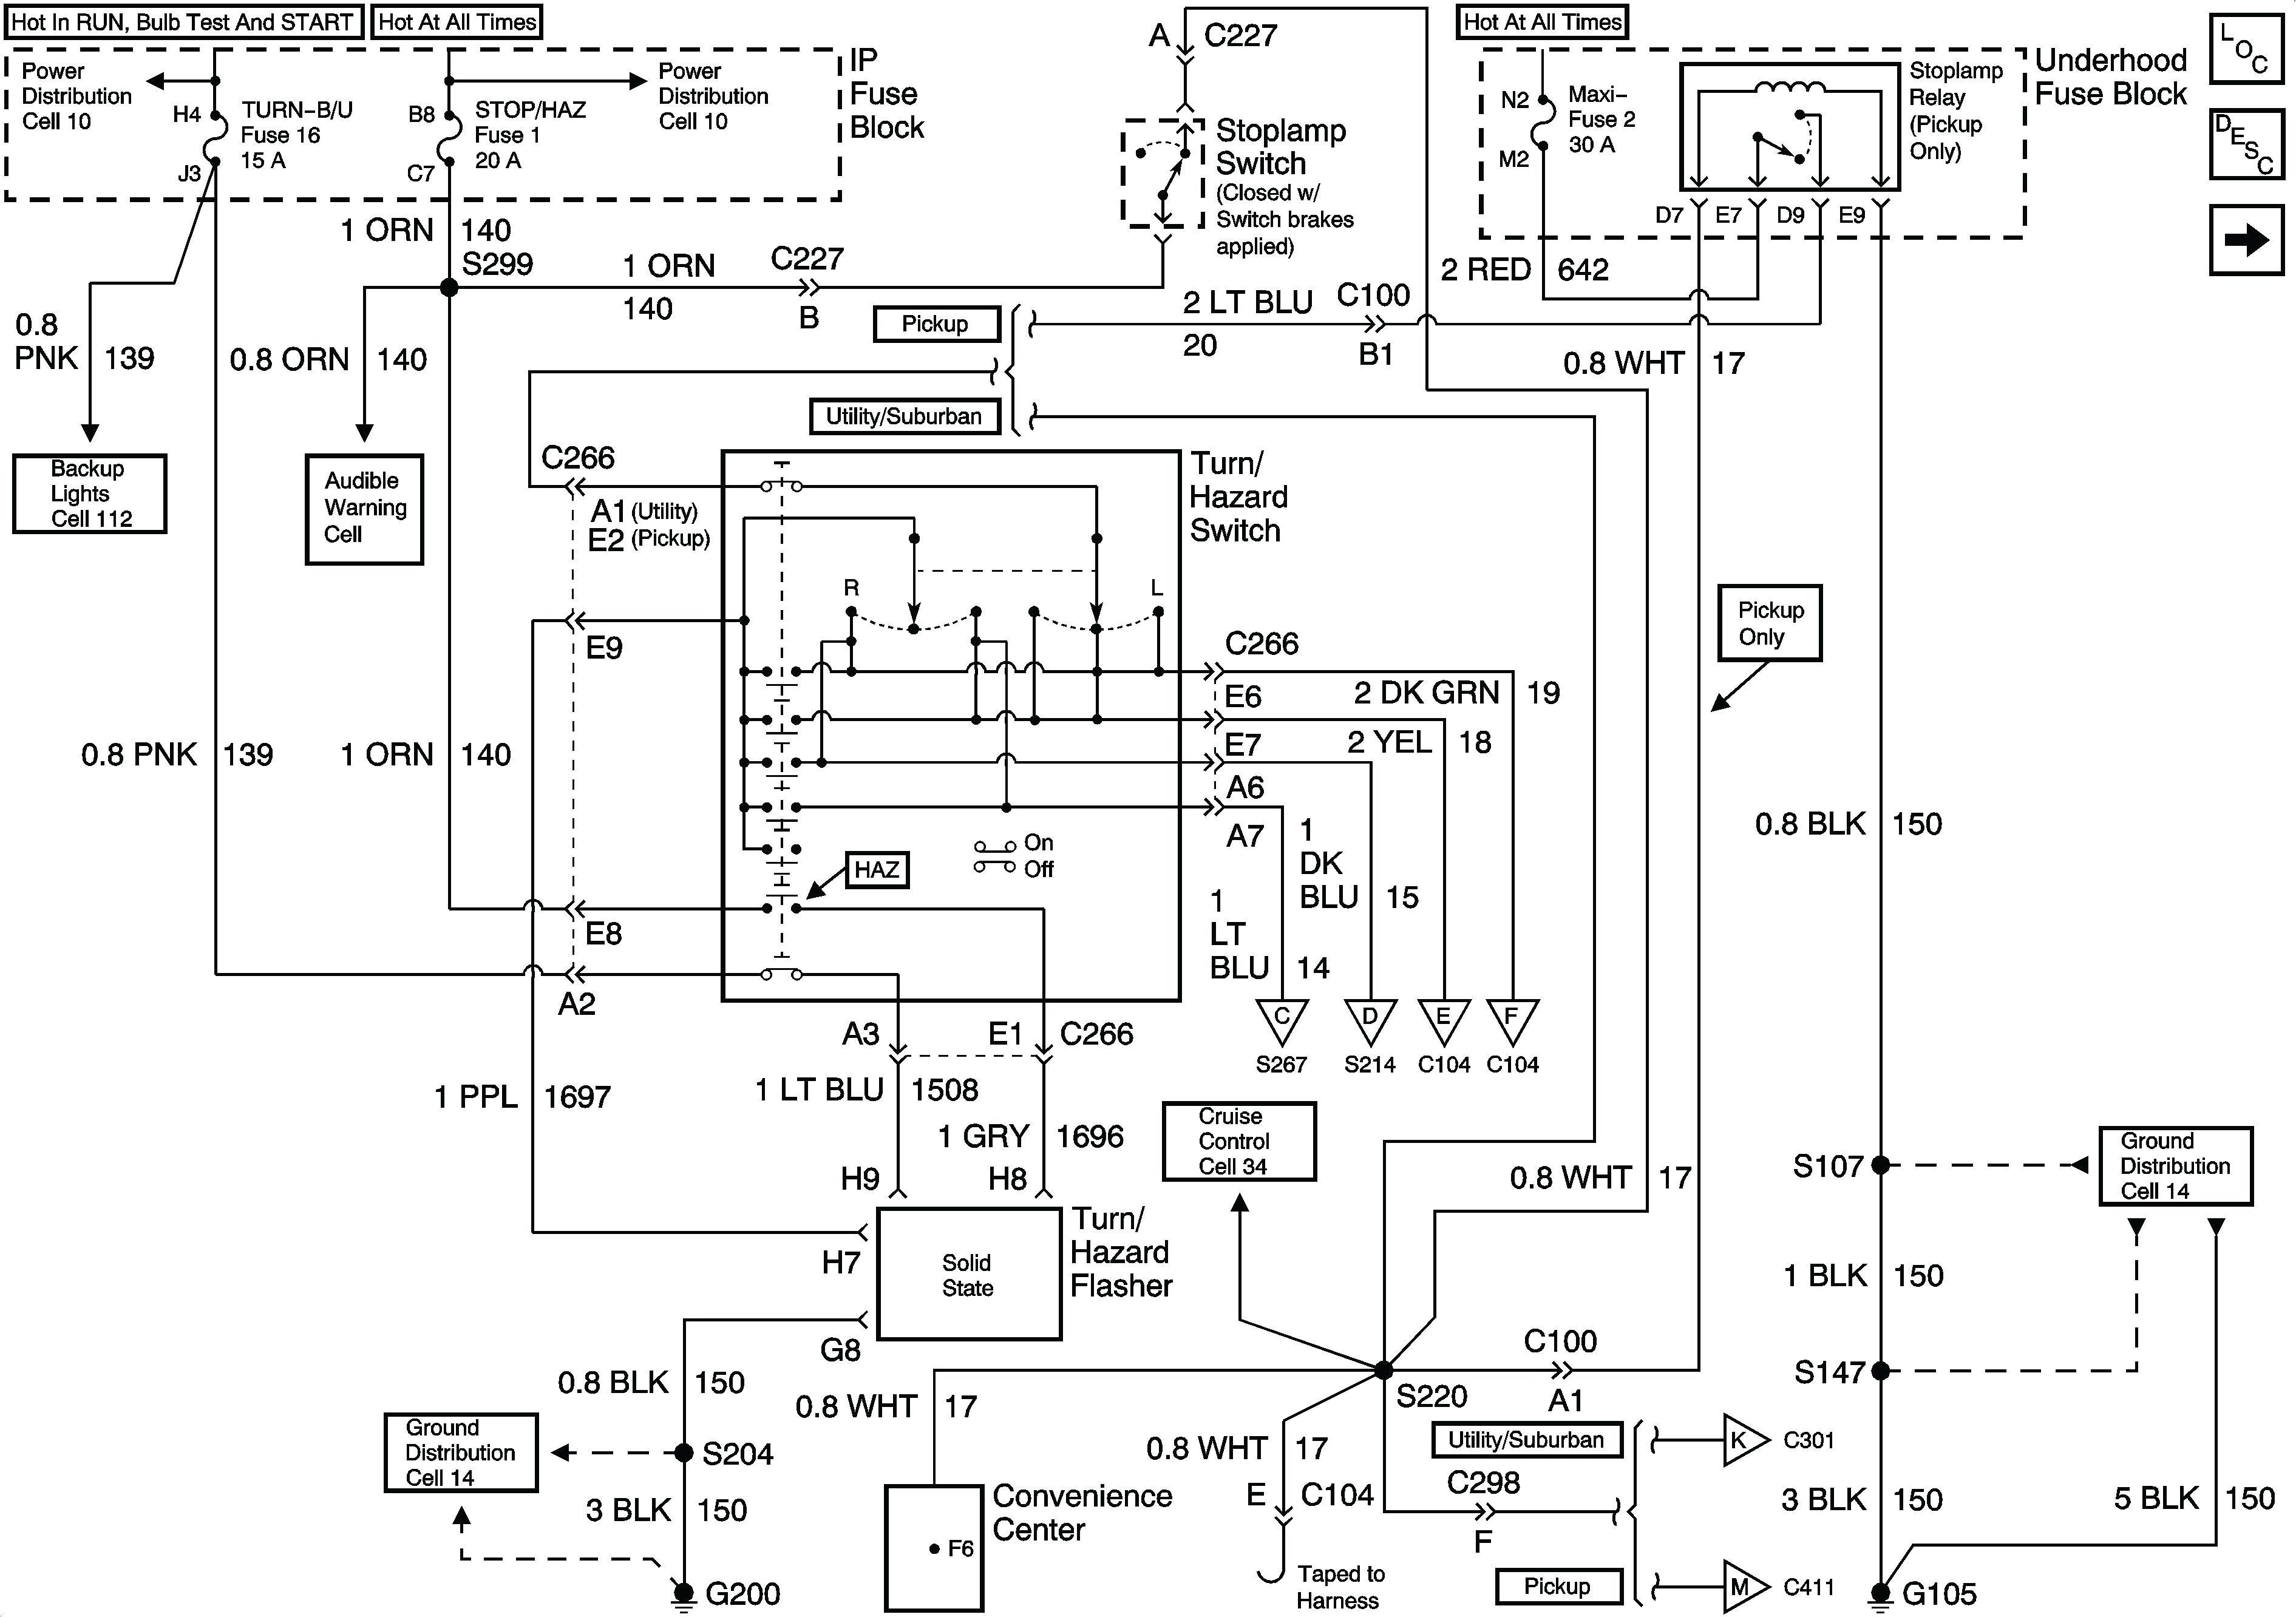 96 camaro wiring diagram